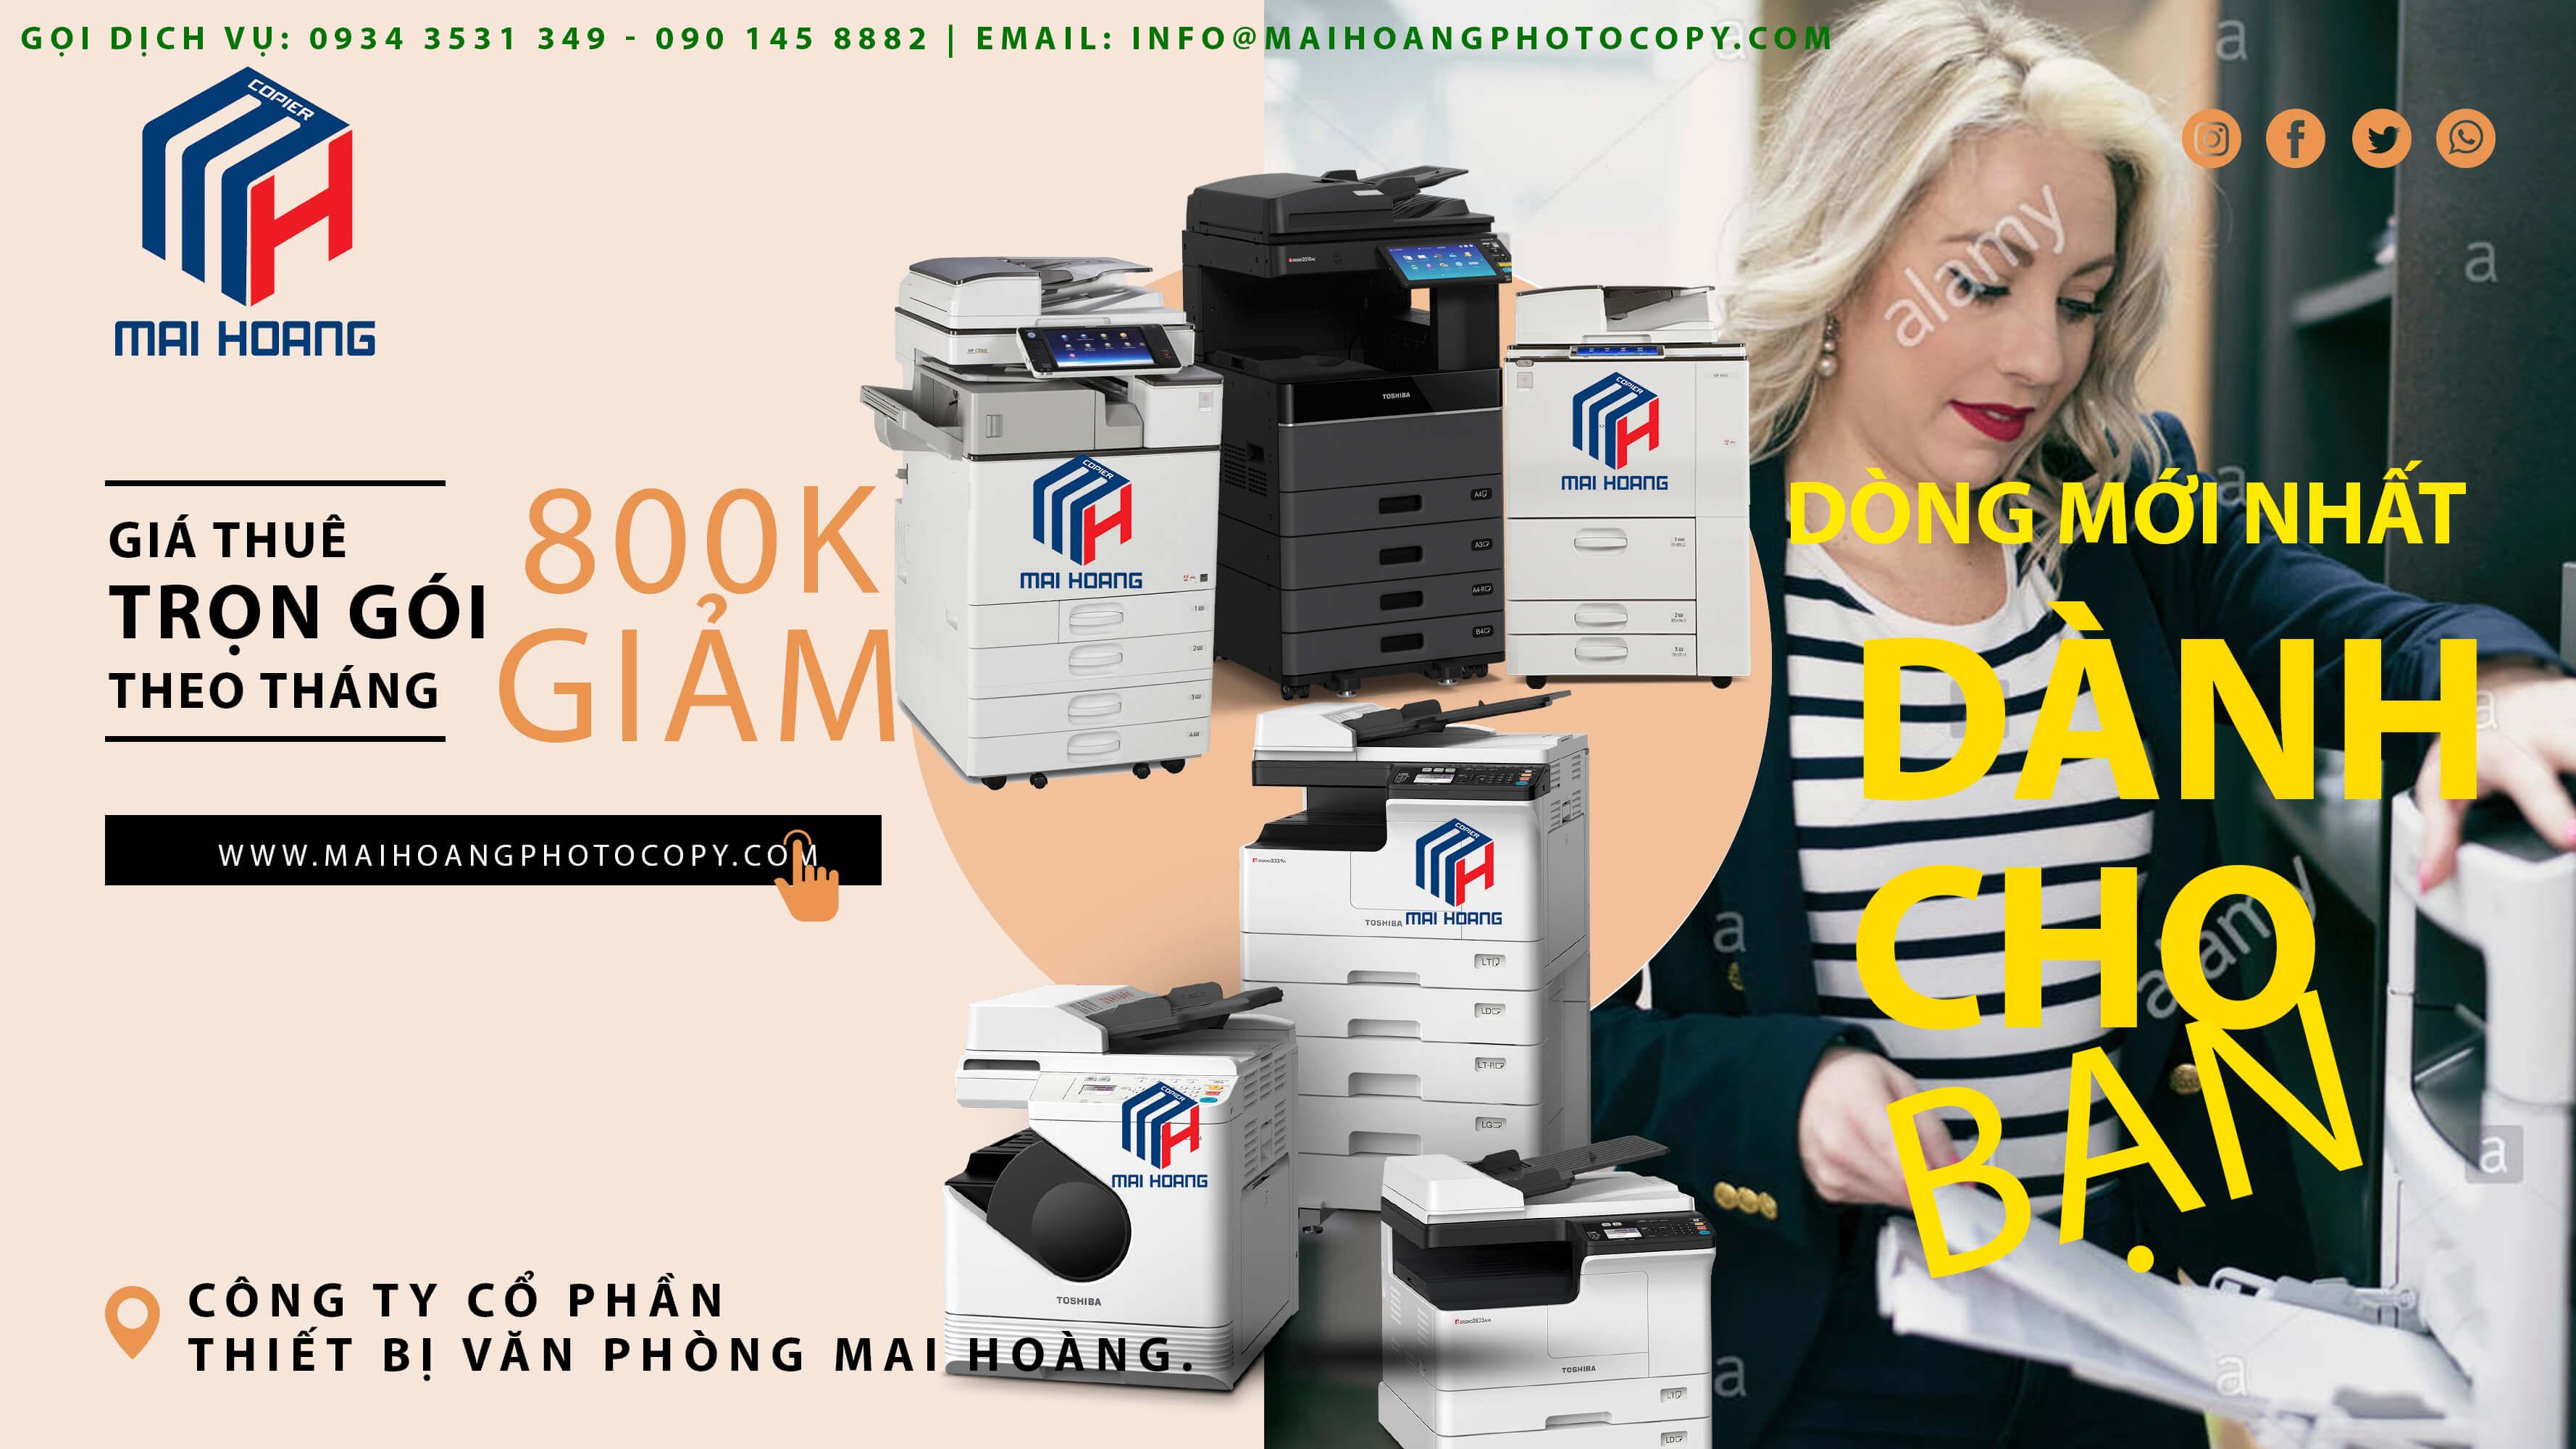 dịch vụ cho thuê máy photocopy quận 9